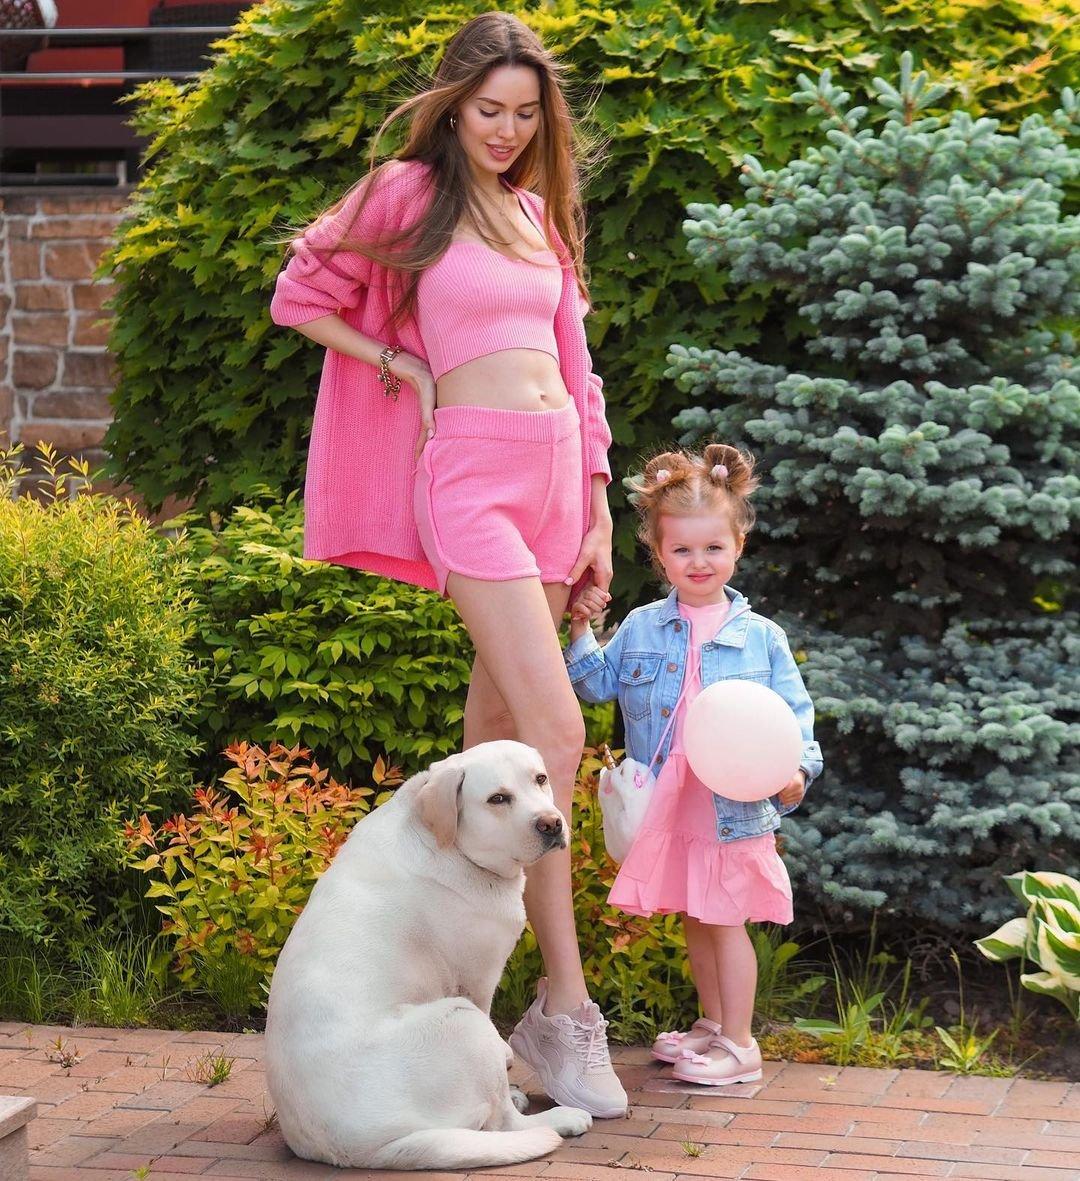 Беременная Анастасия Костенко рассказала о плохом самочувствии